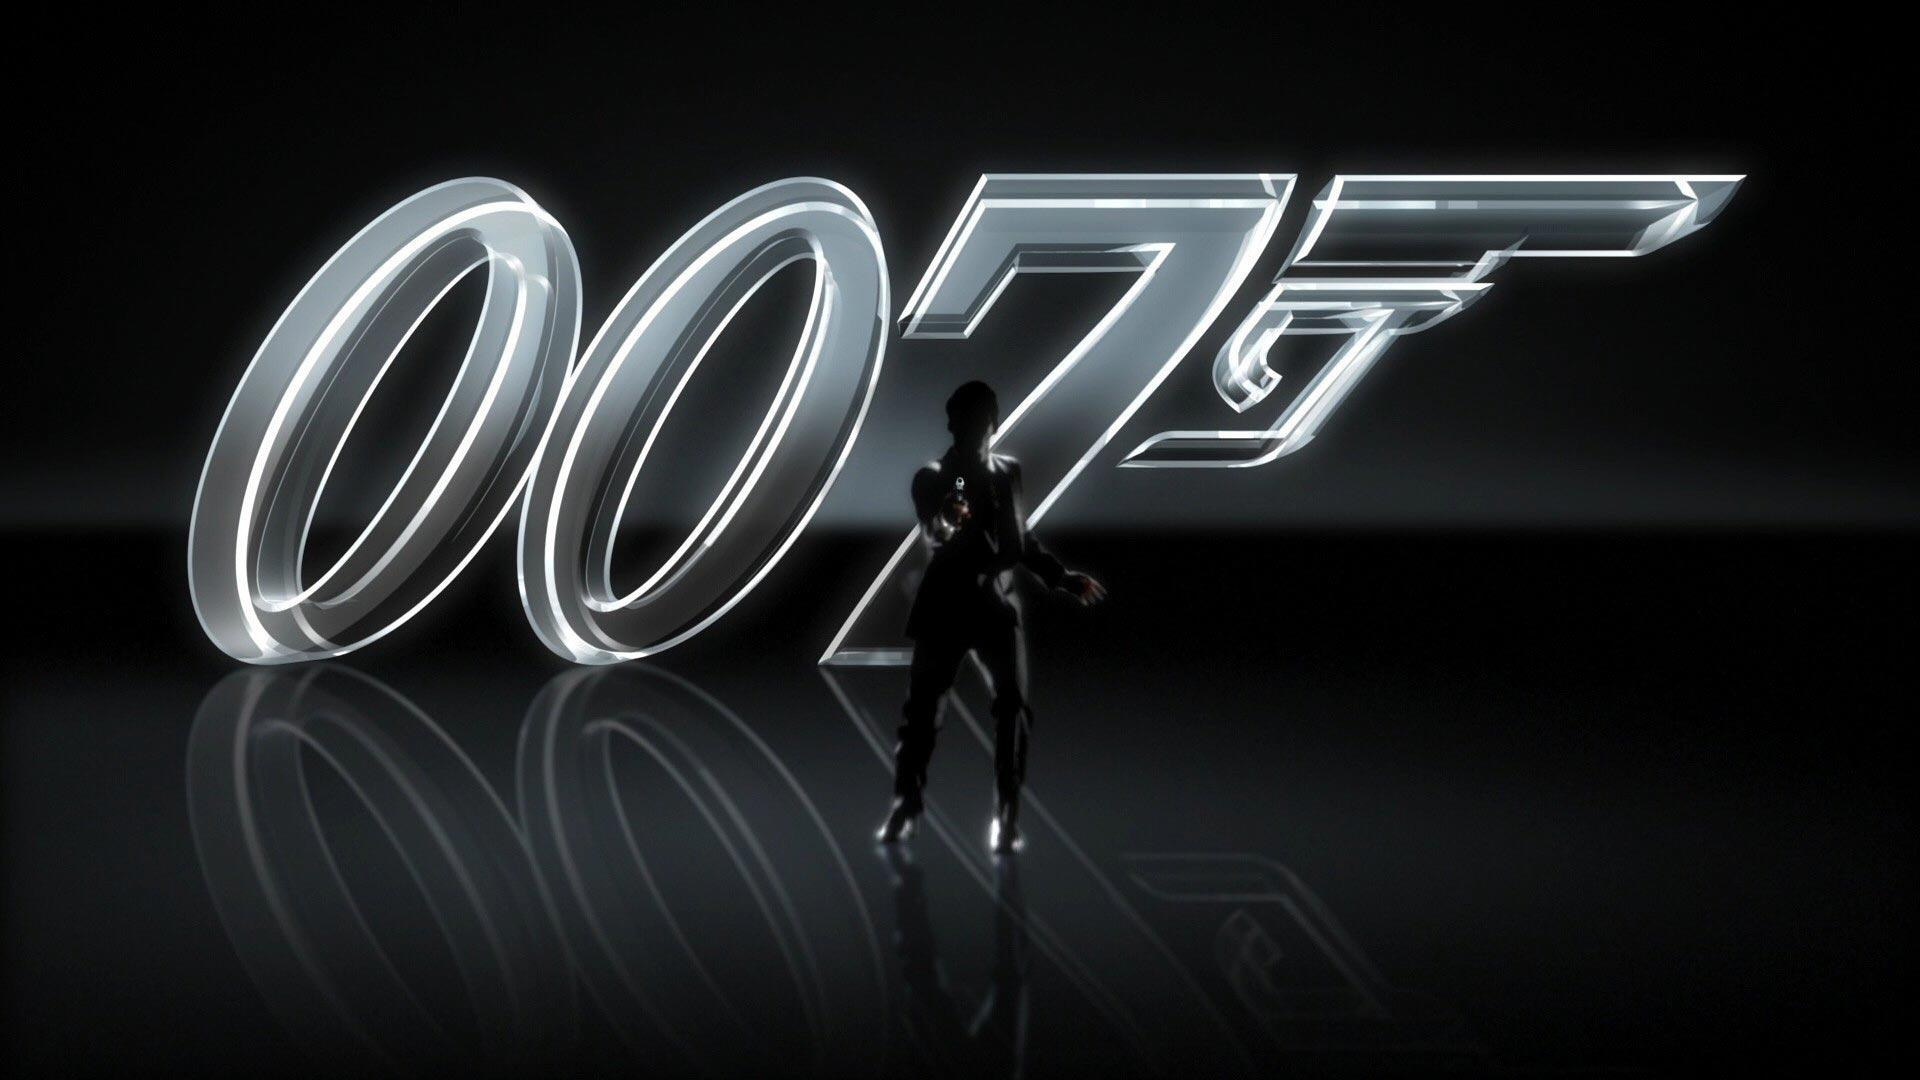 James Bond Free Vector Art  798 Free Downloads  Vecteezy